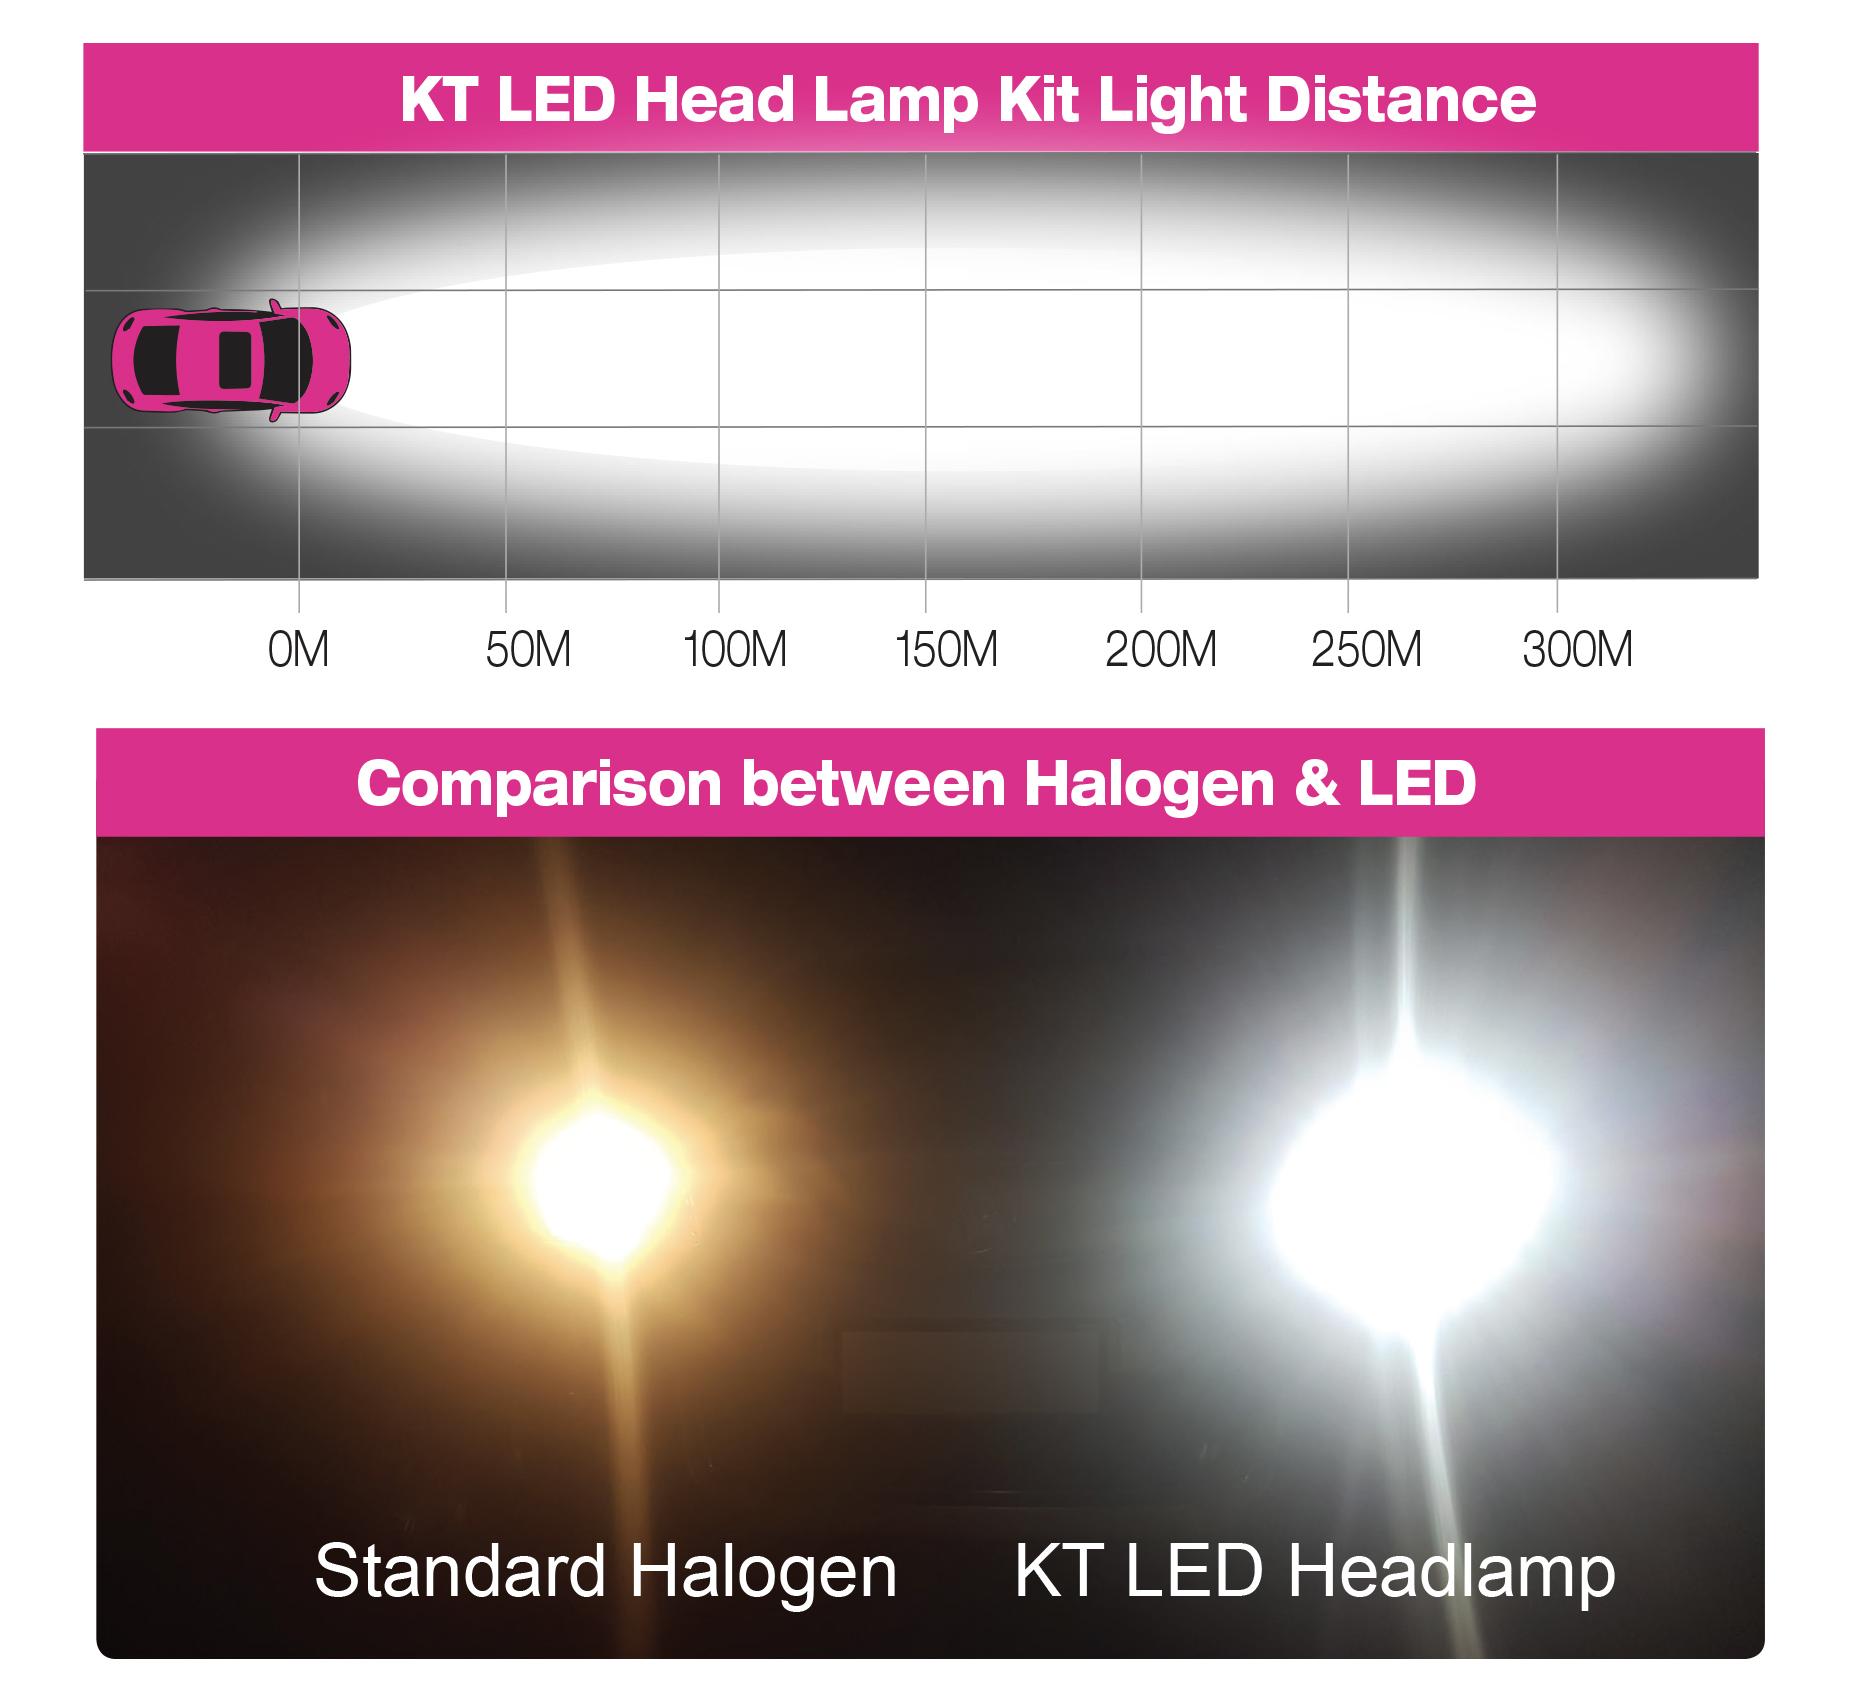 KT LED Headlamp Kits_diagram.jpg